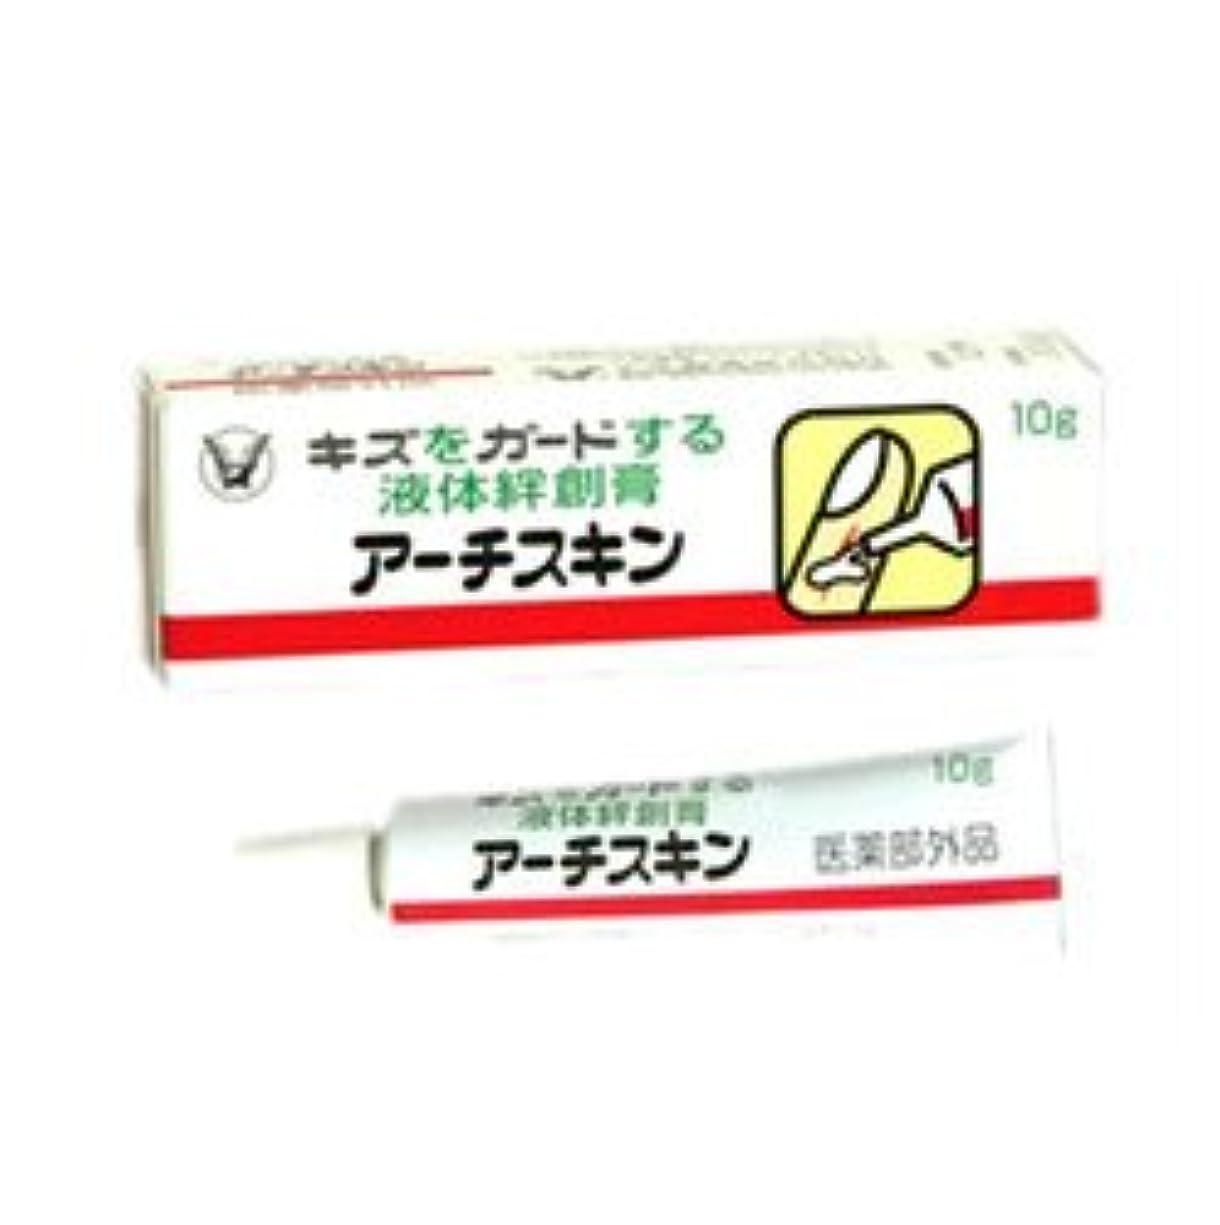 【大正製薬】アーチスキン 10g ×5個セット